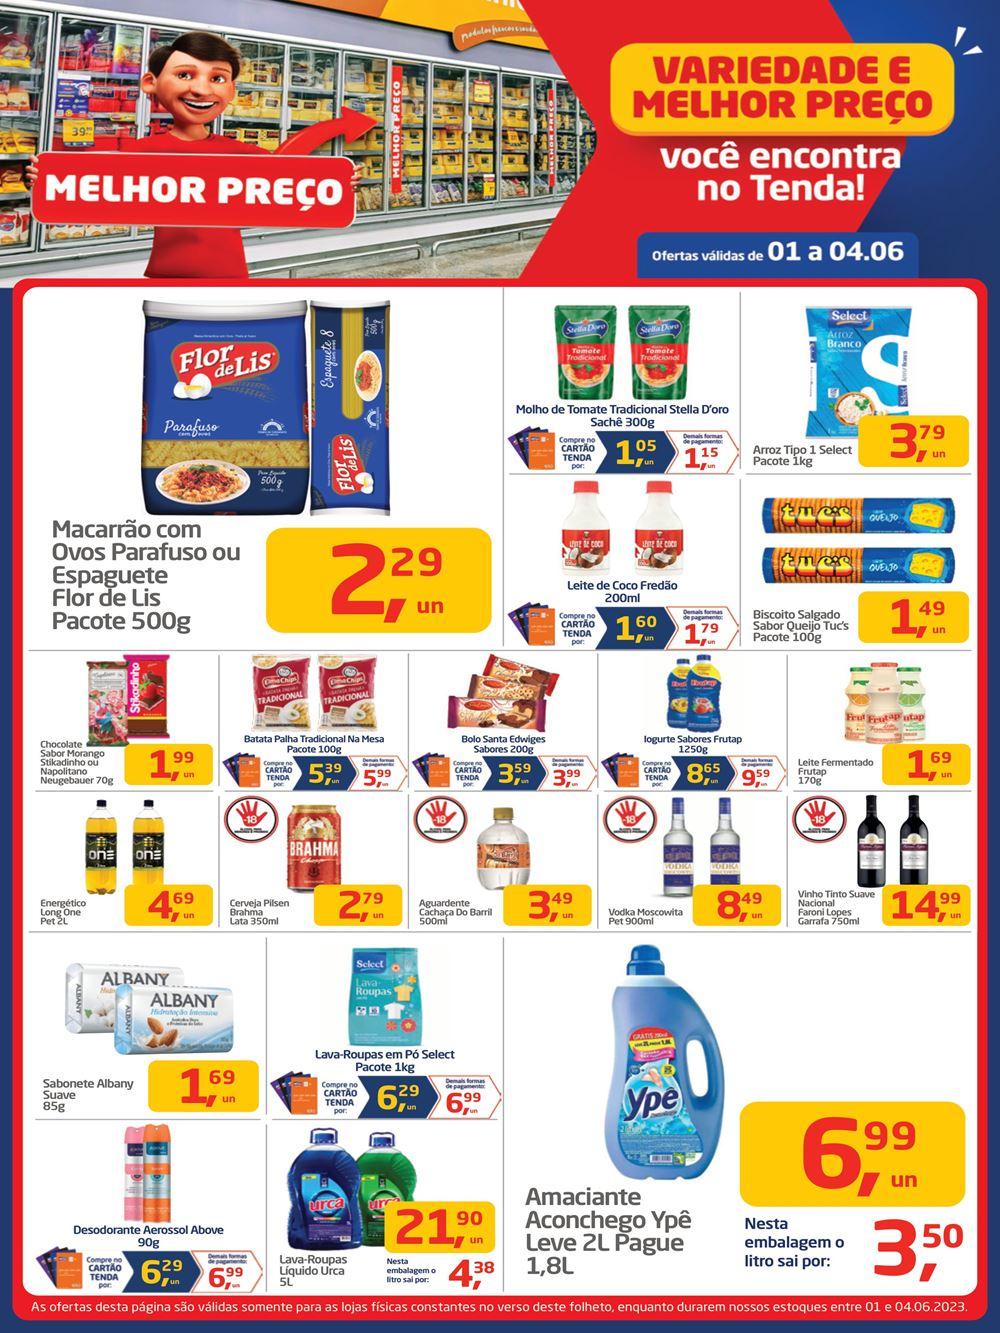 tenda-ofertas-descontos-hoje3-32 Tenda até 05/08